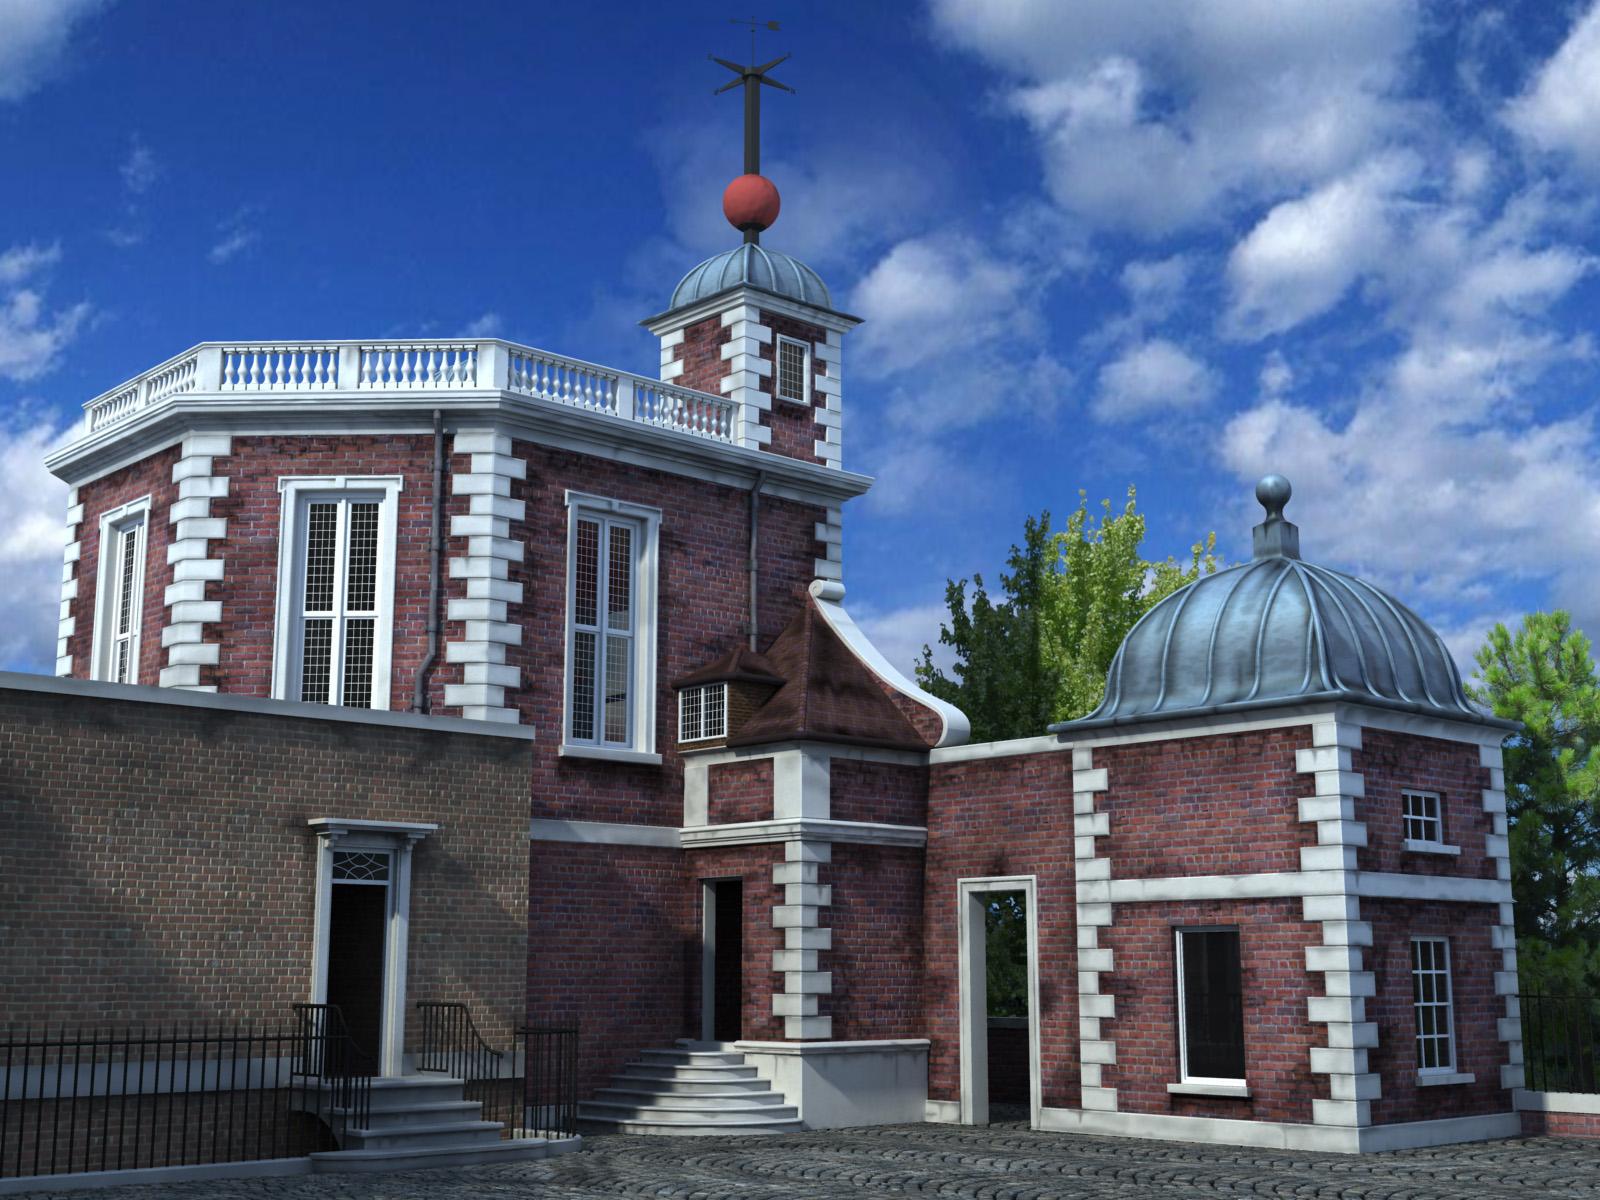 L'osservatorio Reale di Greenwich